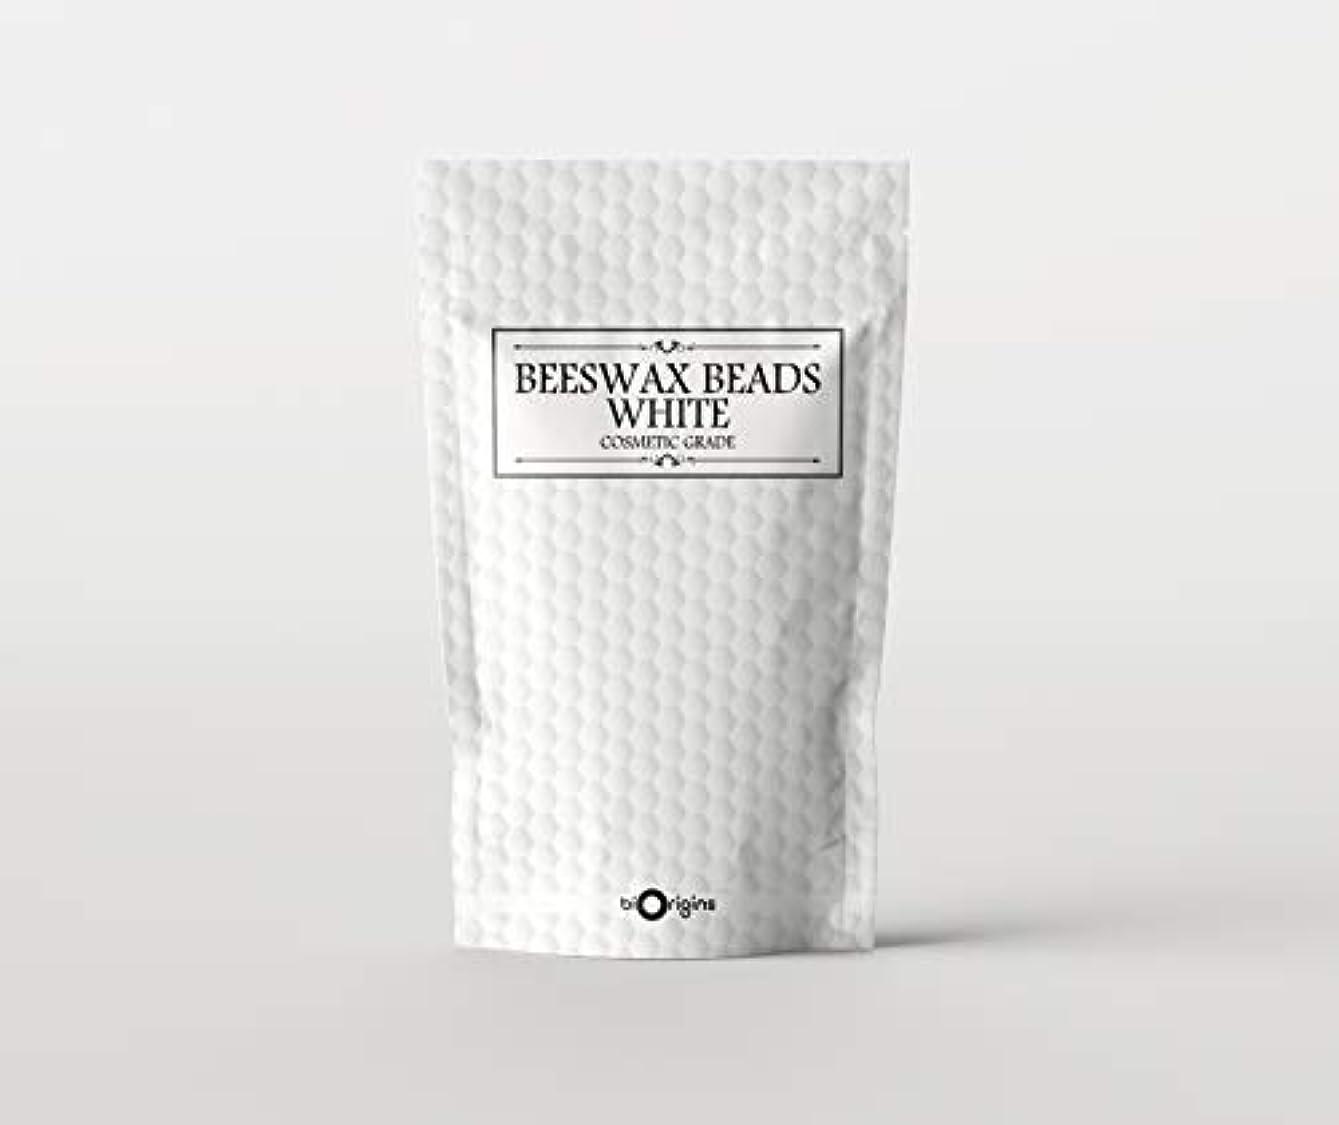 知る燃料ではごきげんようBeeswax Beads White - Cosmetic Grade - 500g